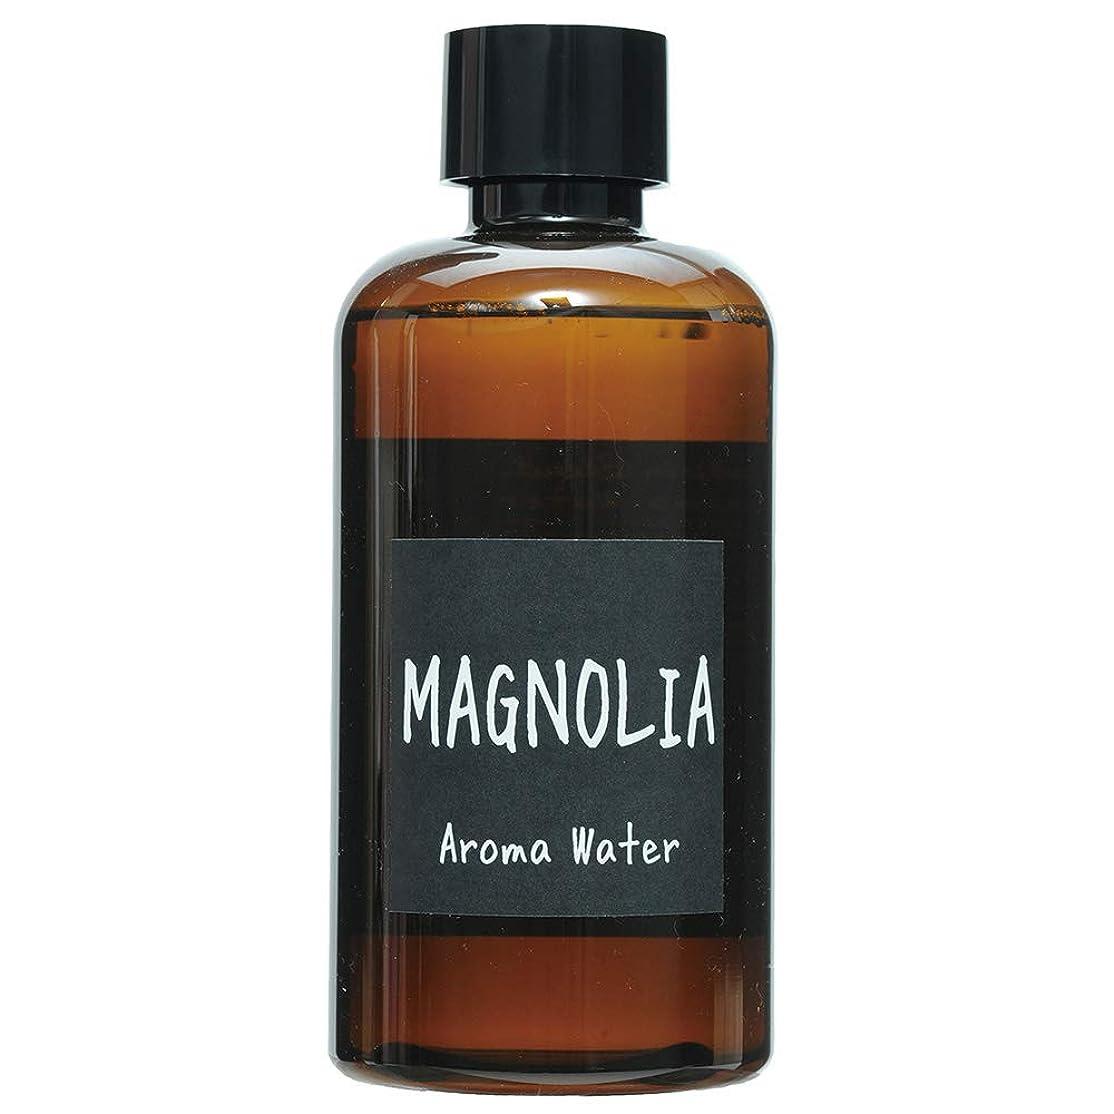 ノルコーポレーション John's Blend アロマウォーター 加湿器用 OA-JON-23-7 マグノリアの香り 520ml